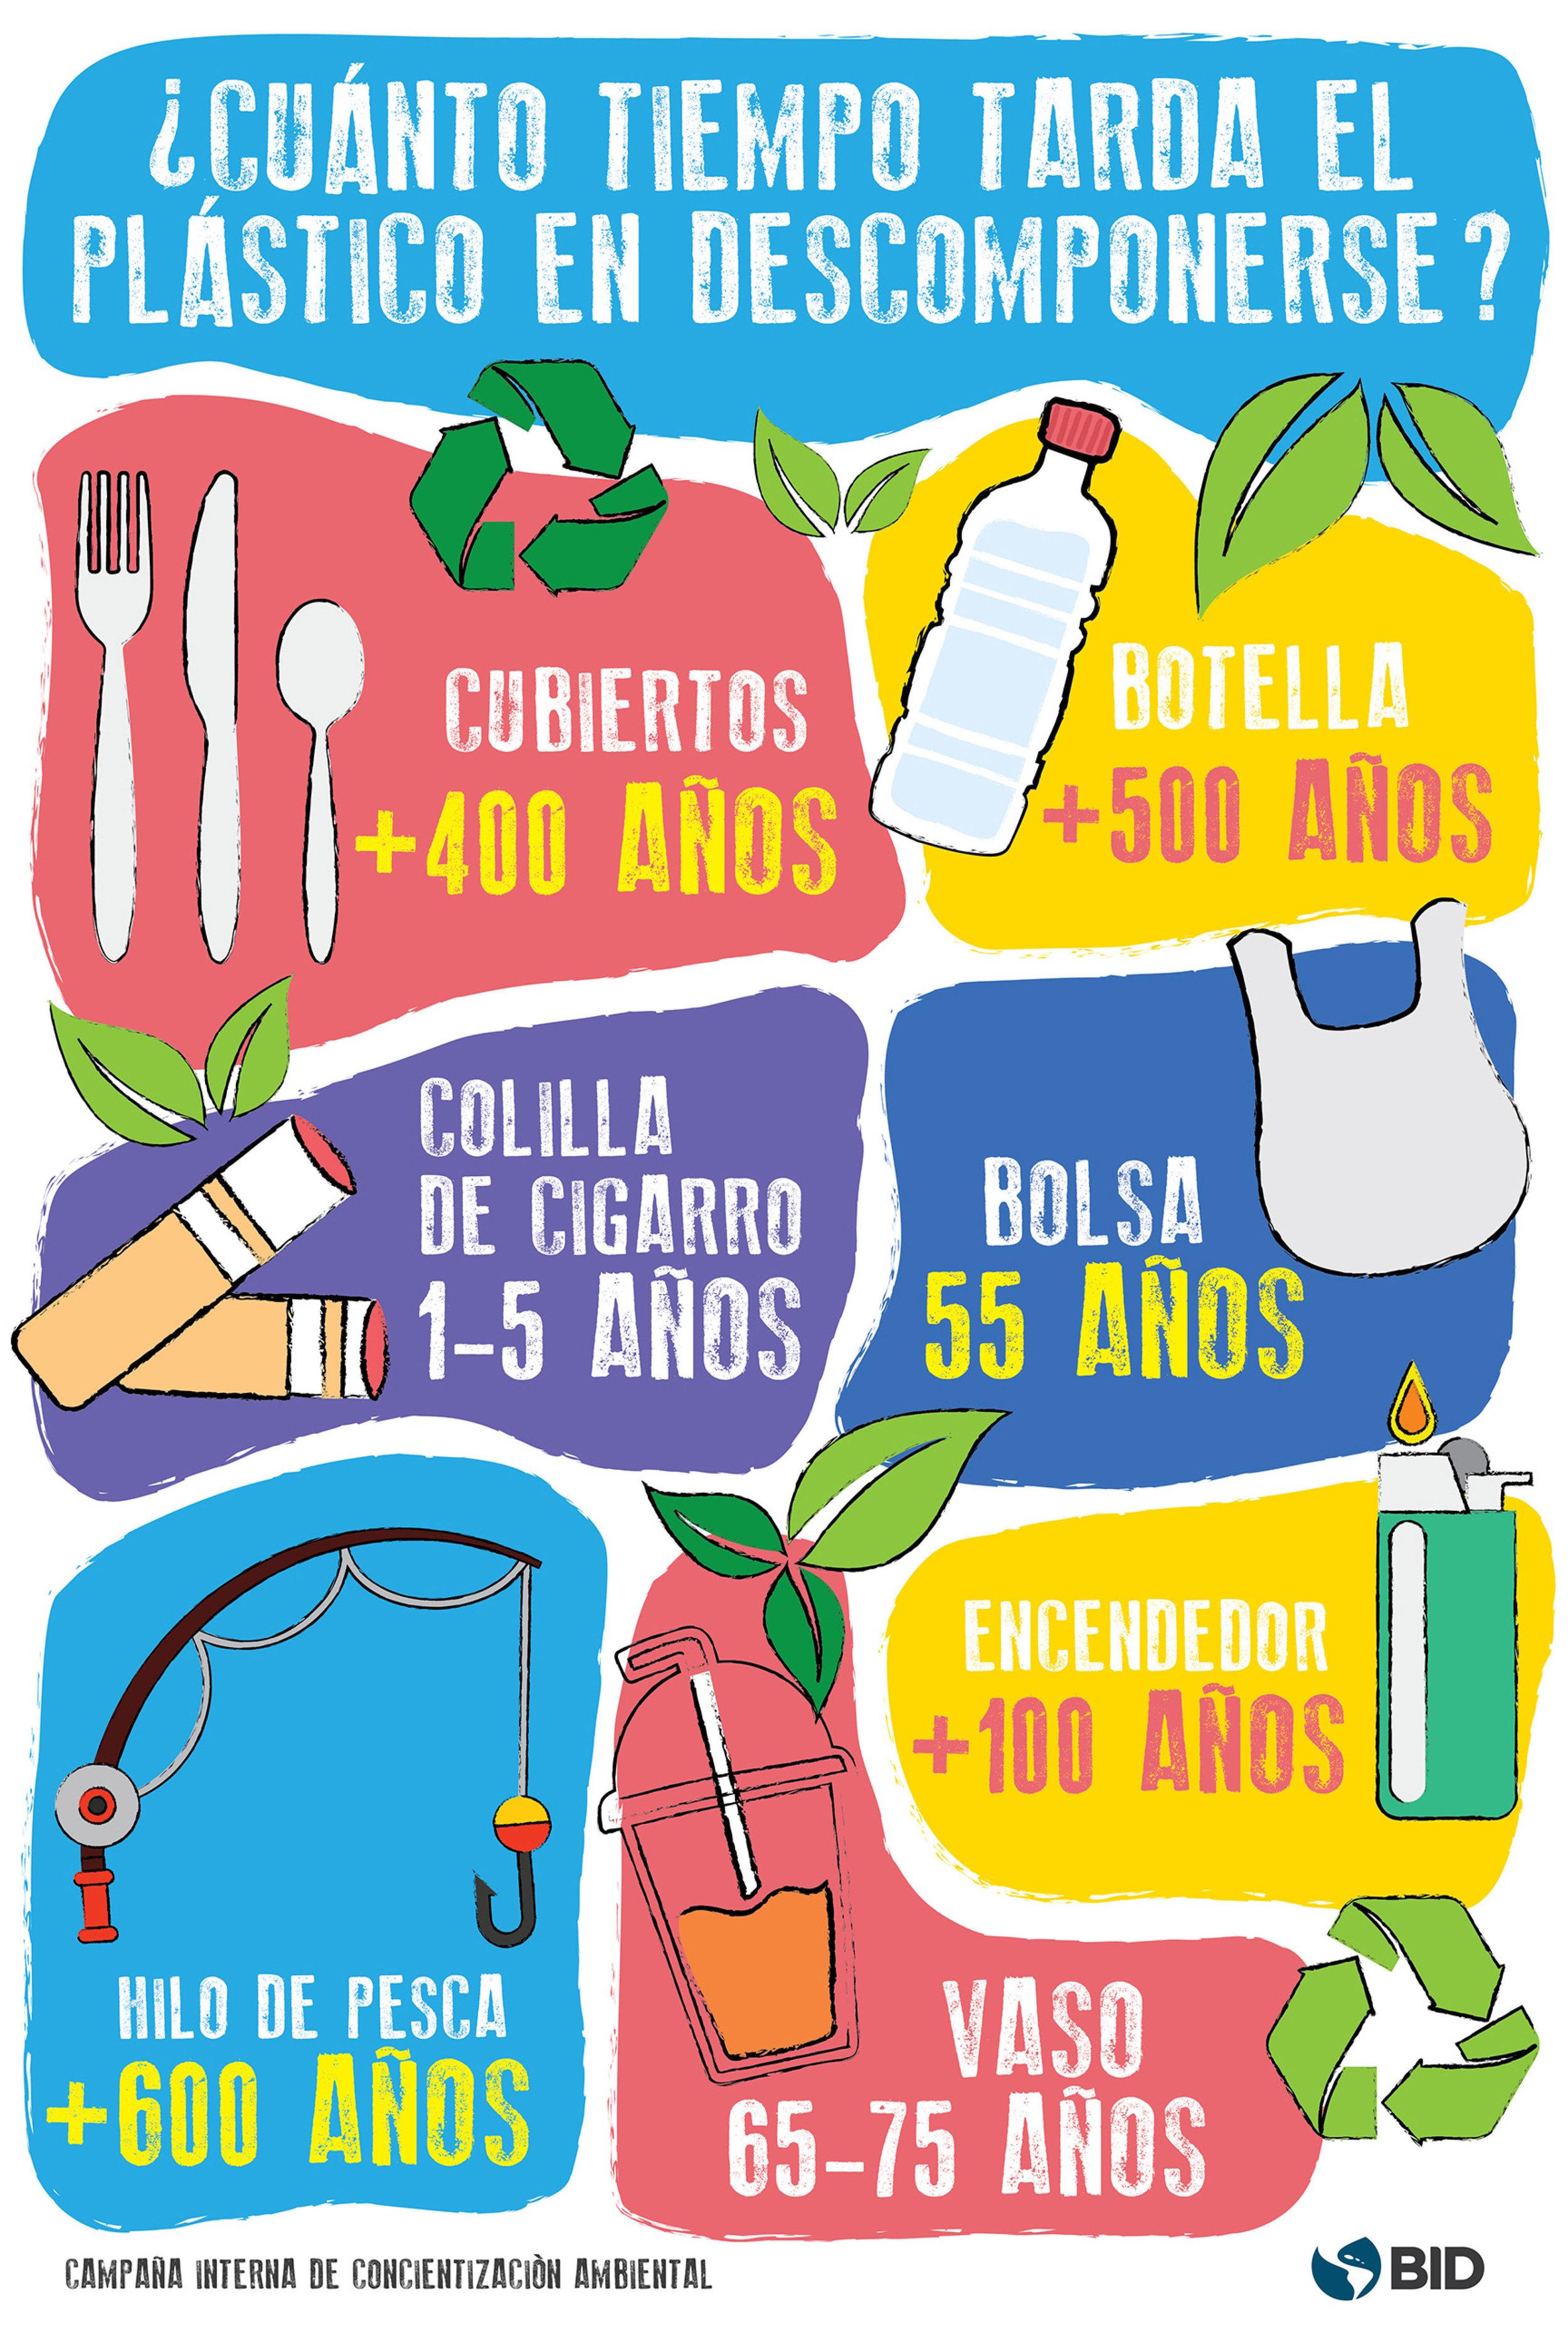 Campaña medio ambiente - Completa-3.jpg